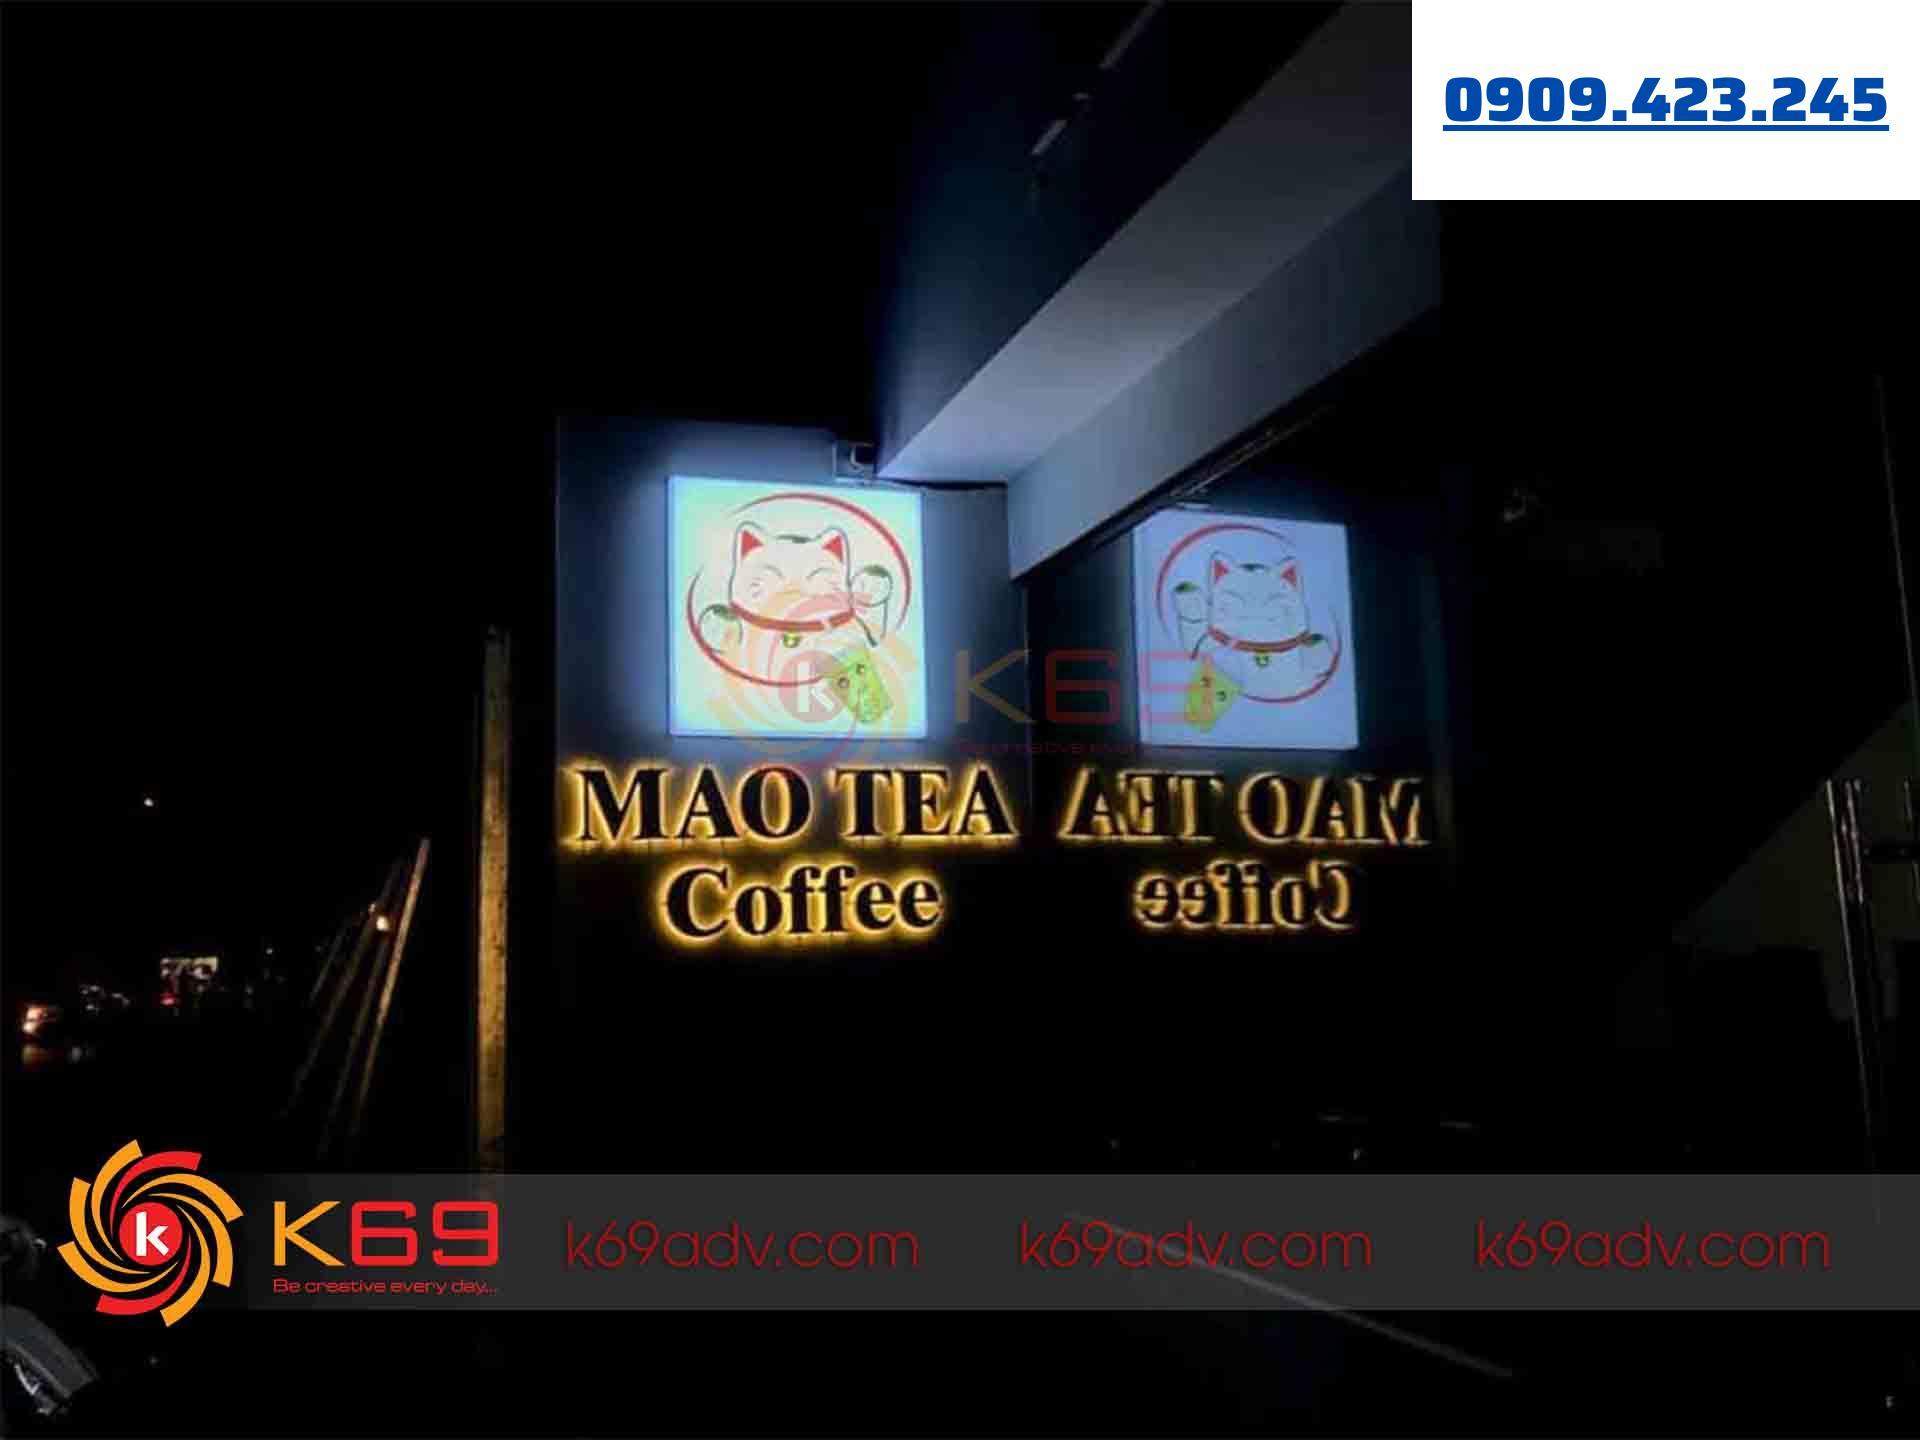 Công trình thi công làm bảng hiệu hộp đèn quán caffe tại K69ADV